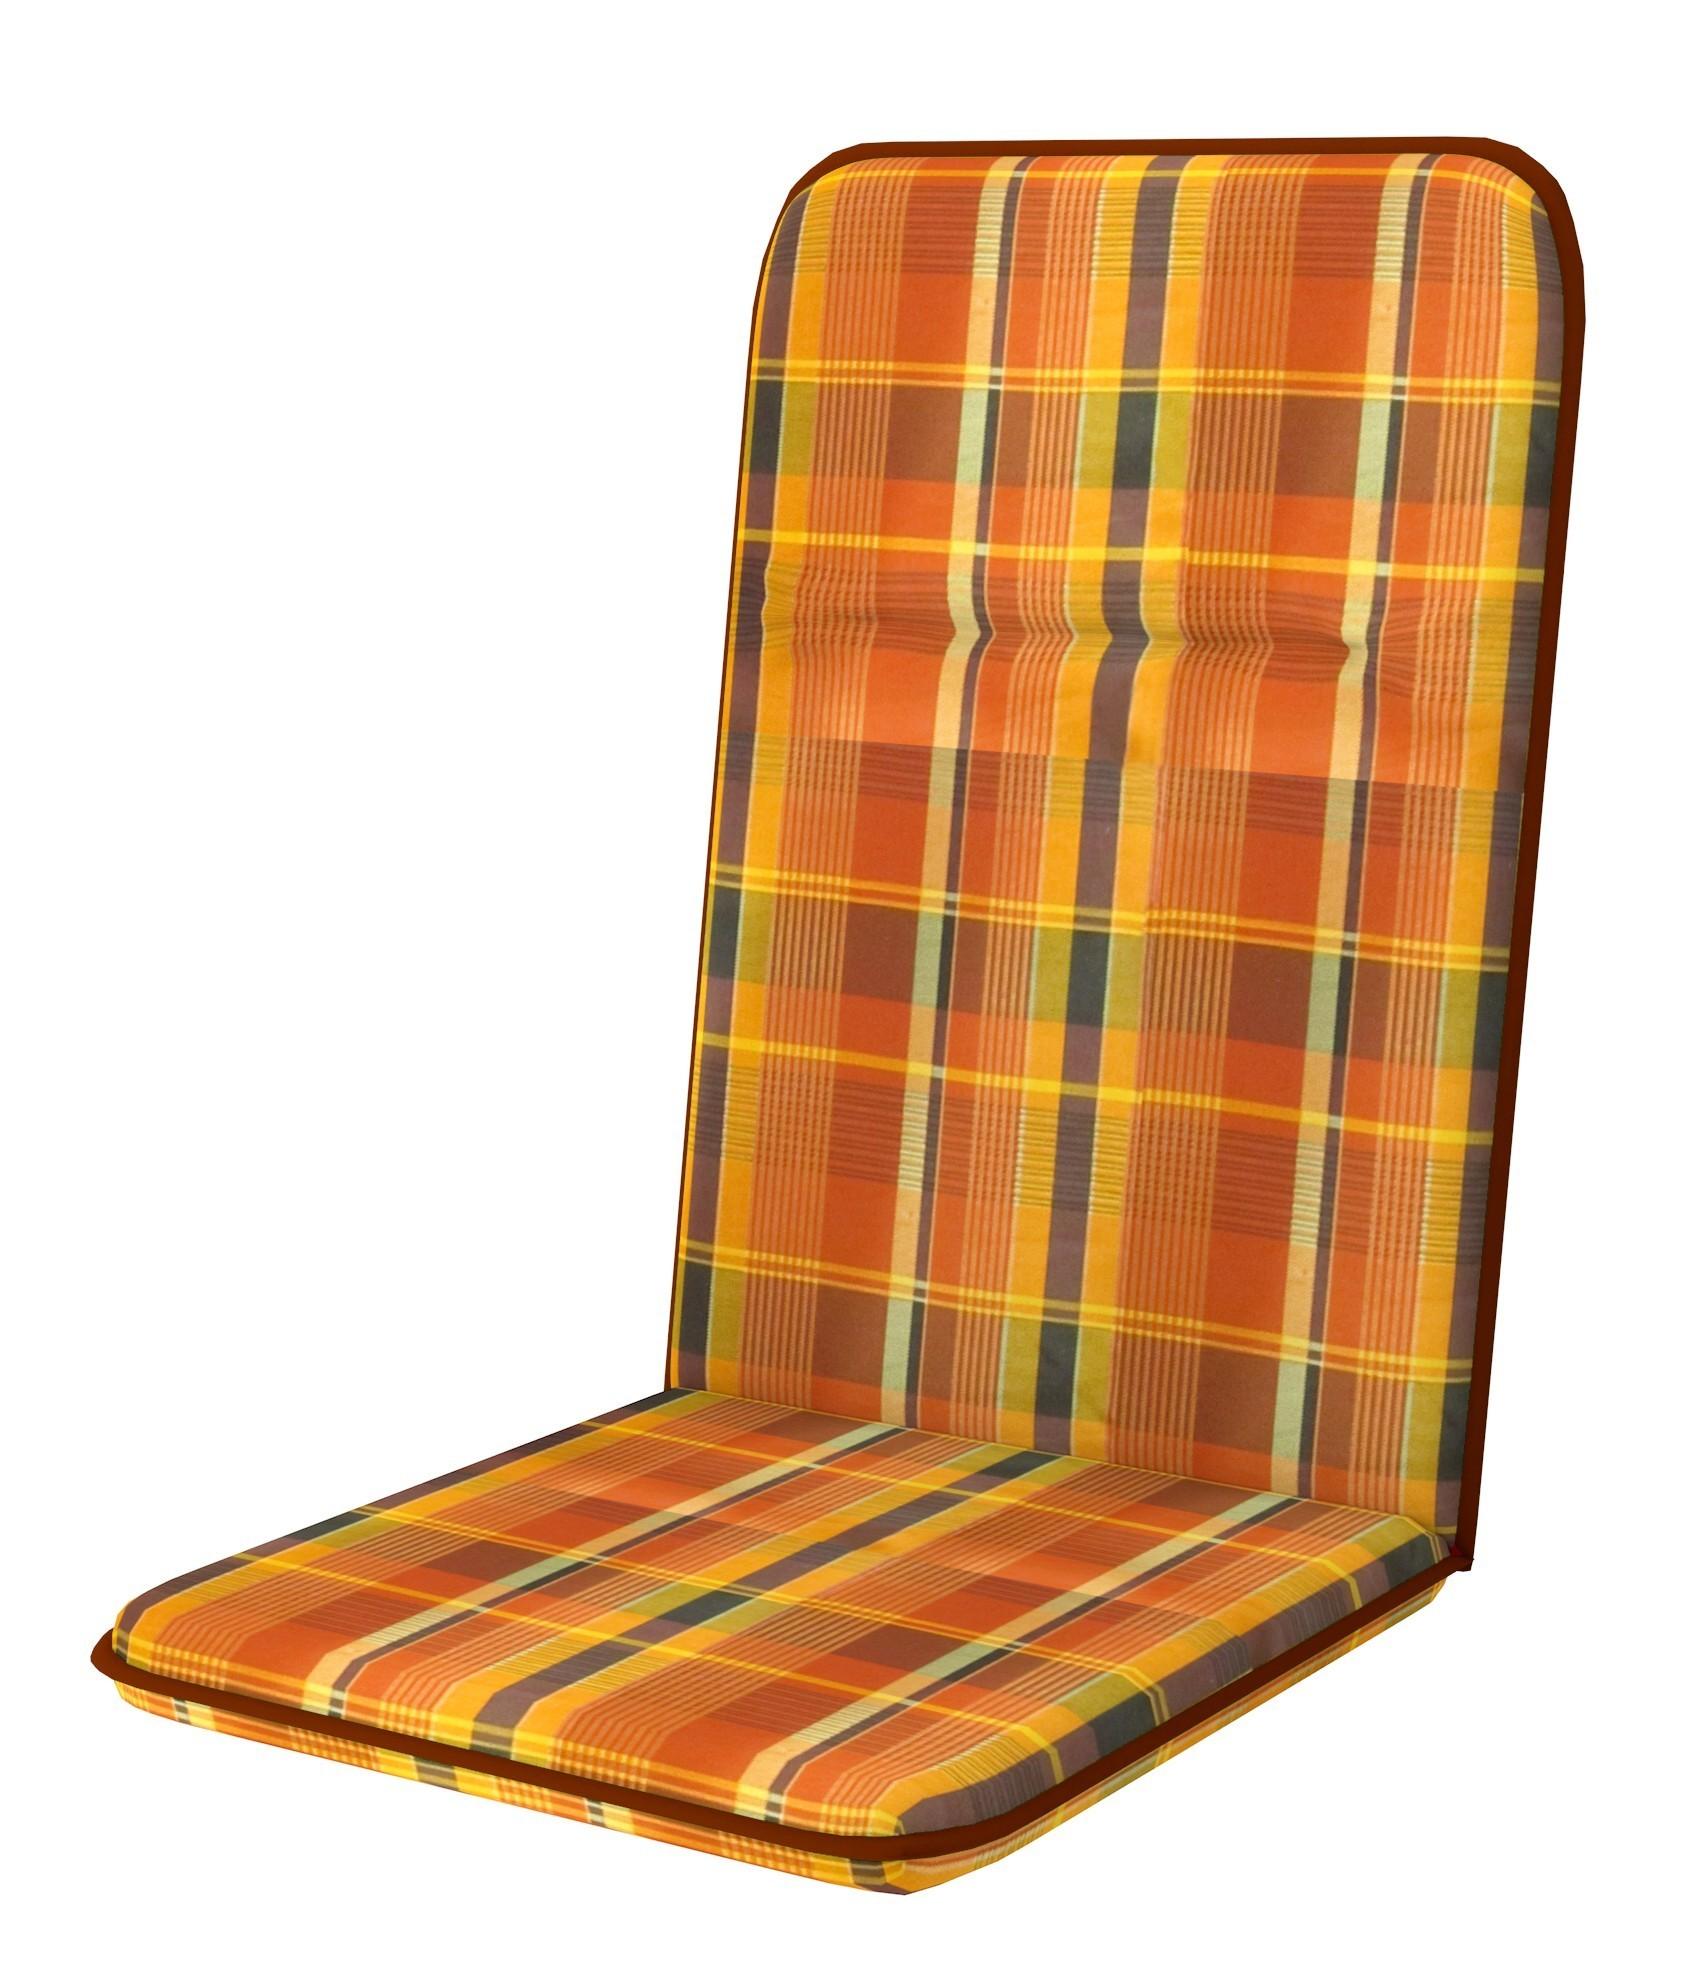 polster auflage f r gartenm bel gartensessel hl des basic 24 bei. Black Bedroom Furniture Sets. Home Design Ideas